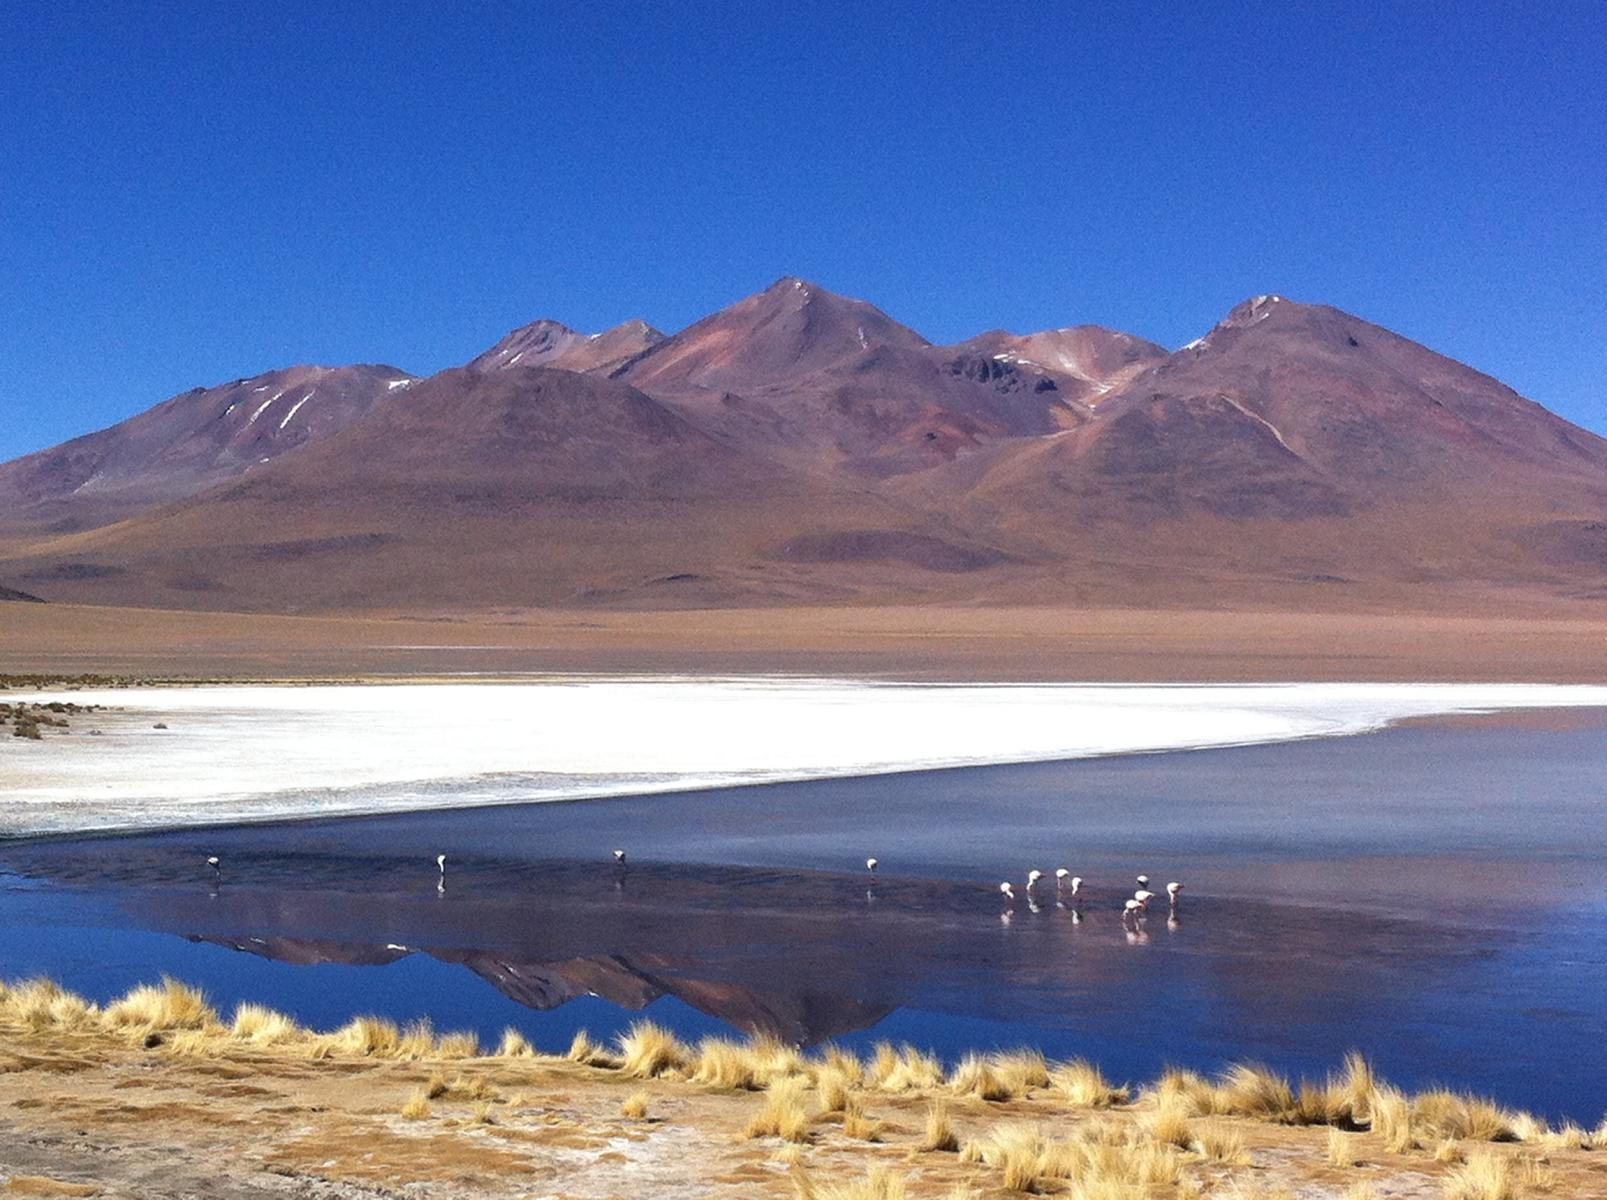 Voyage solidaire Pérou-Bolivie : Vision du Monde - Photo 6